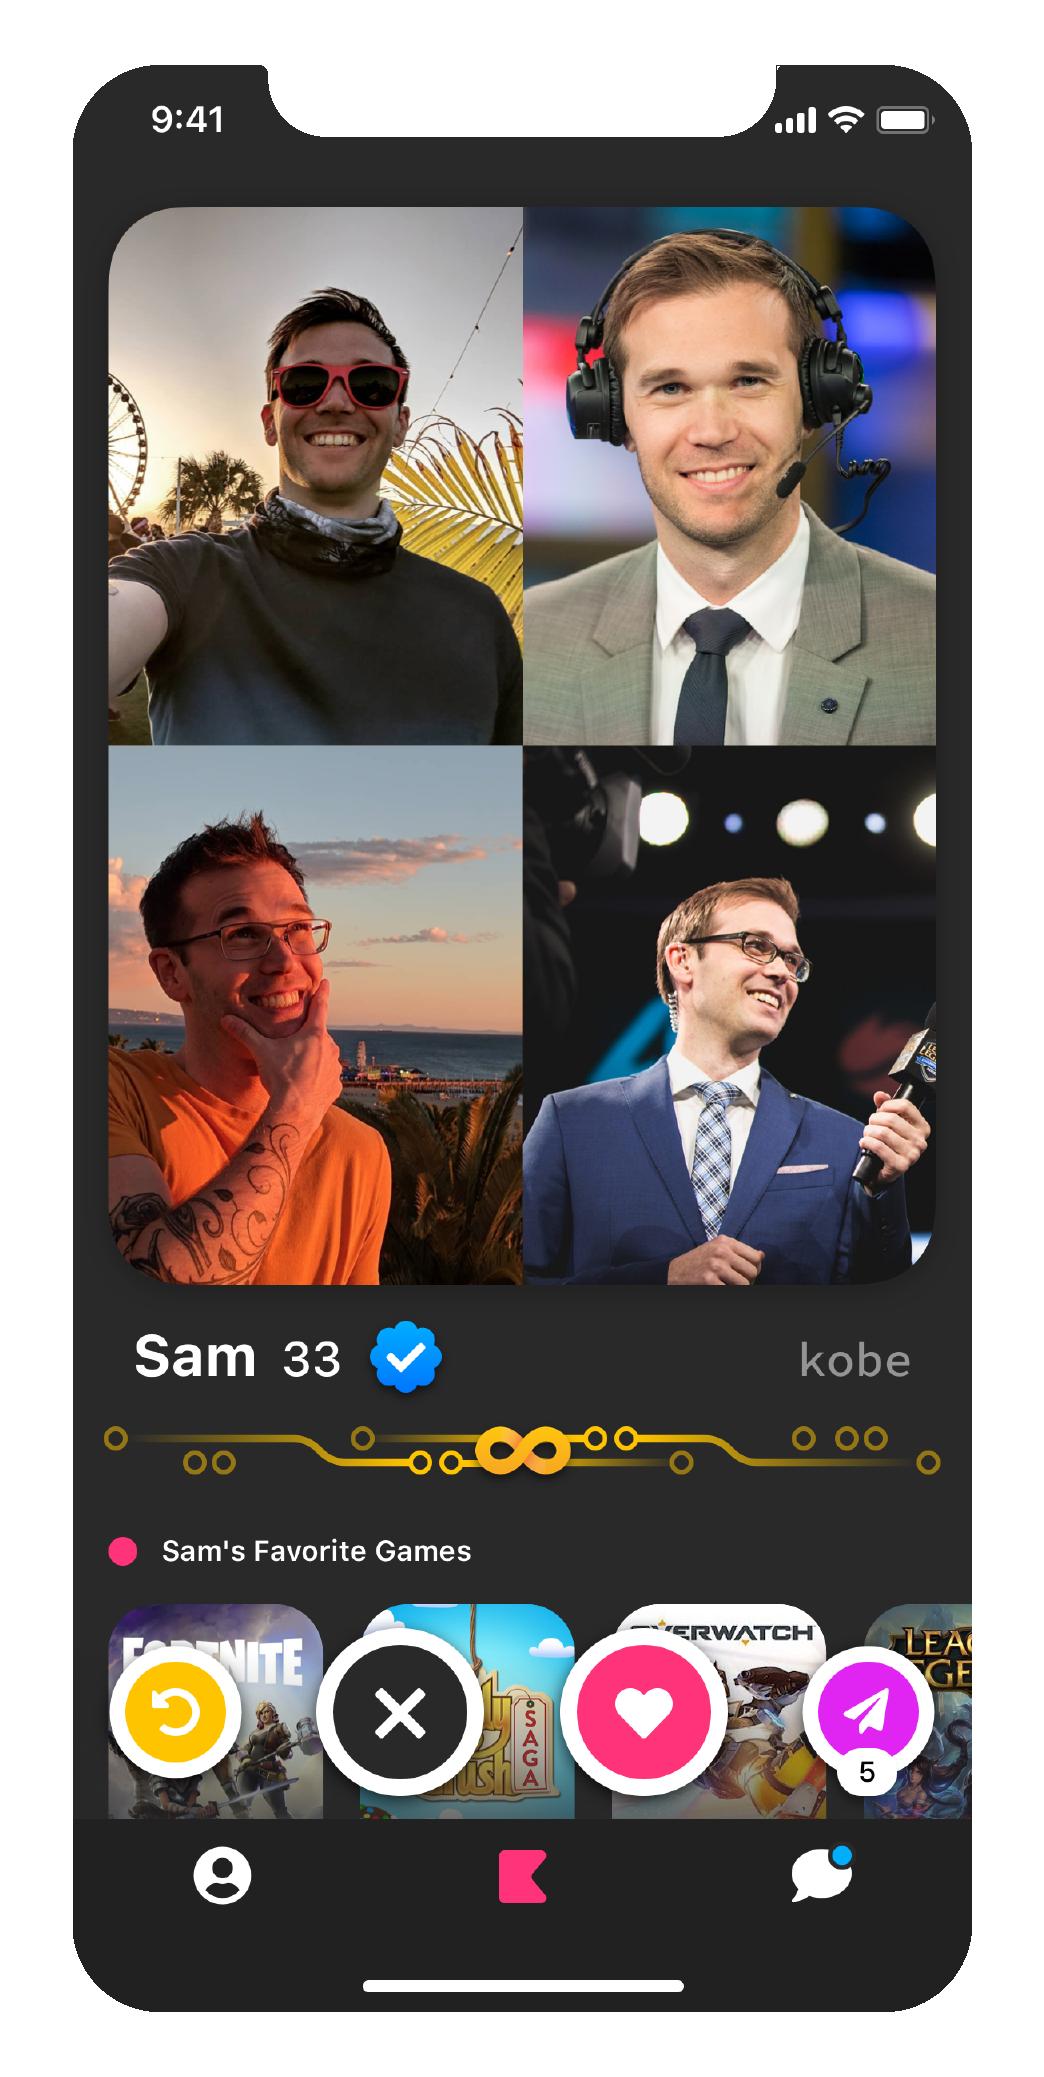 Sam's profile screenshot